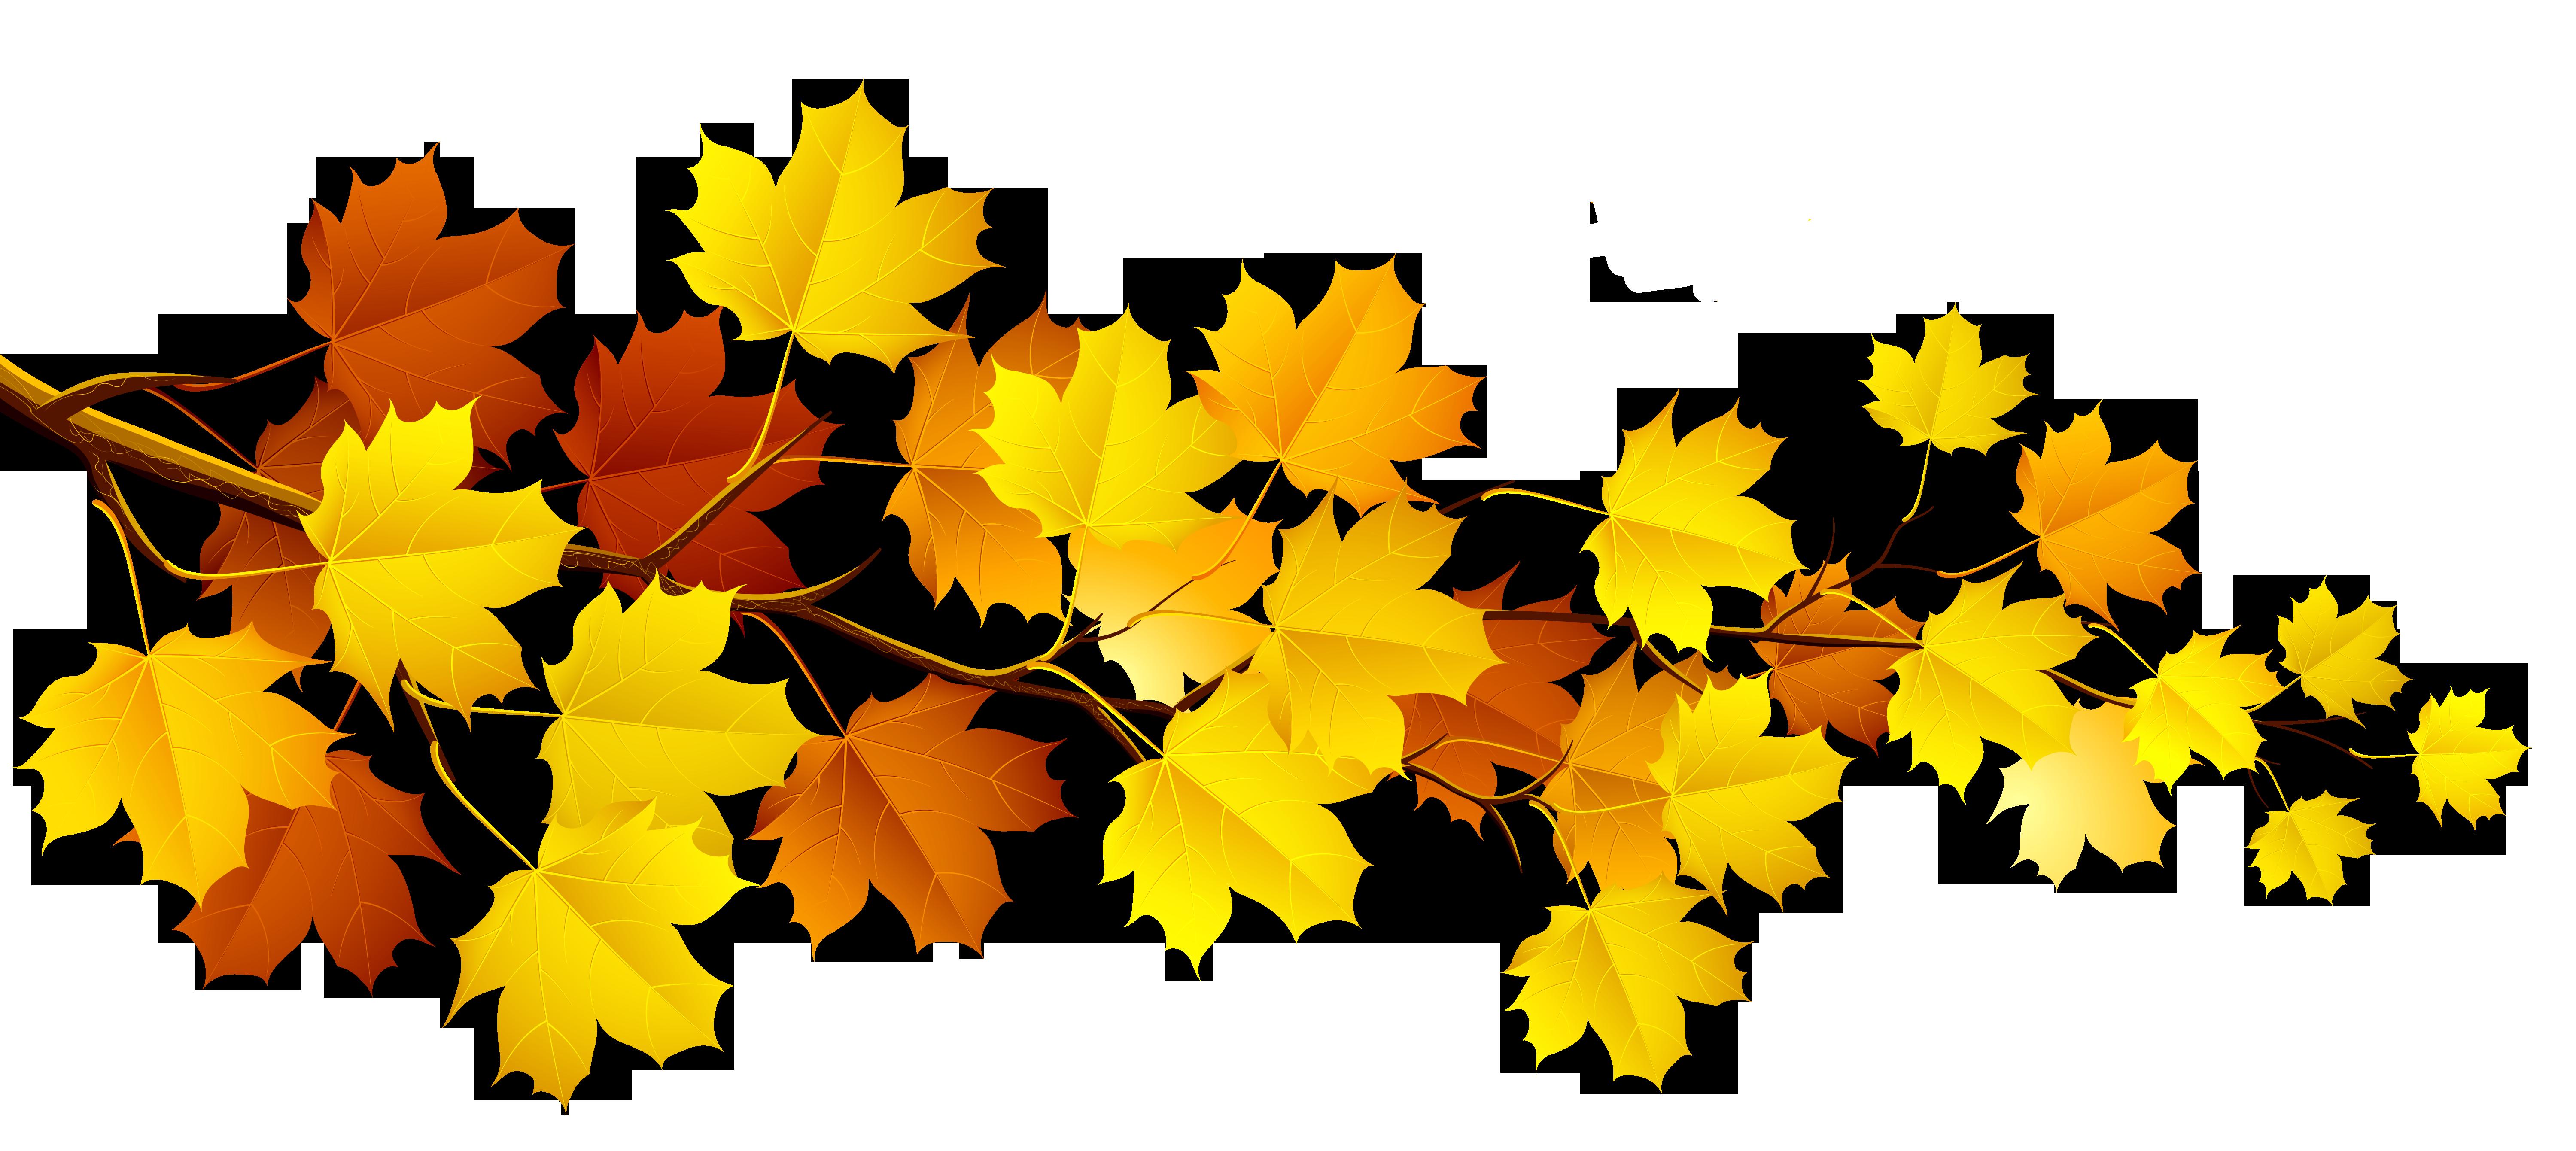 Fall leaves fall clip art autumn clip ar-Fall leaves fall clip art autumn clip art leaves clip art clipart 4-5